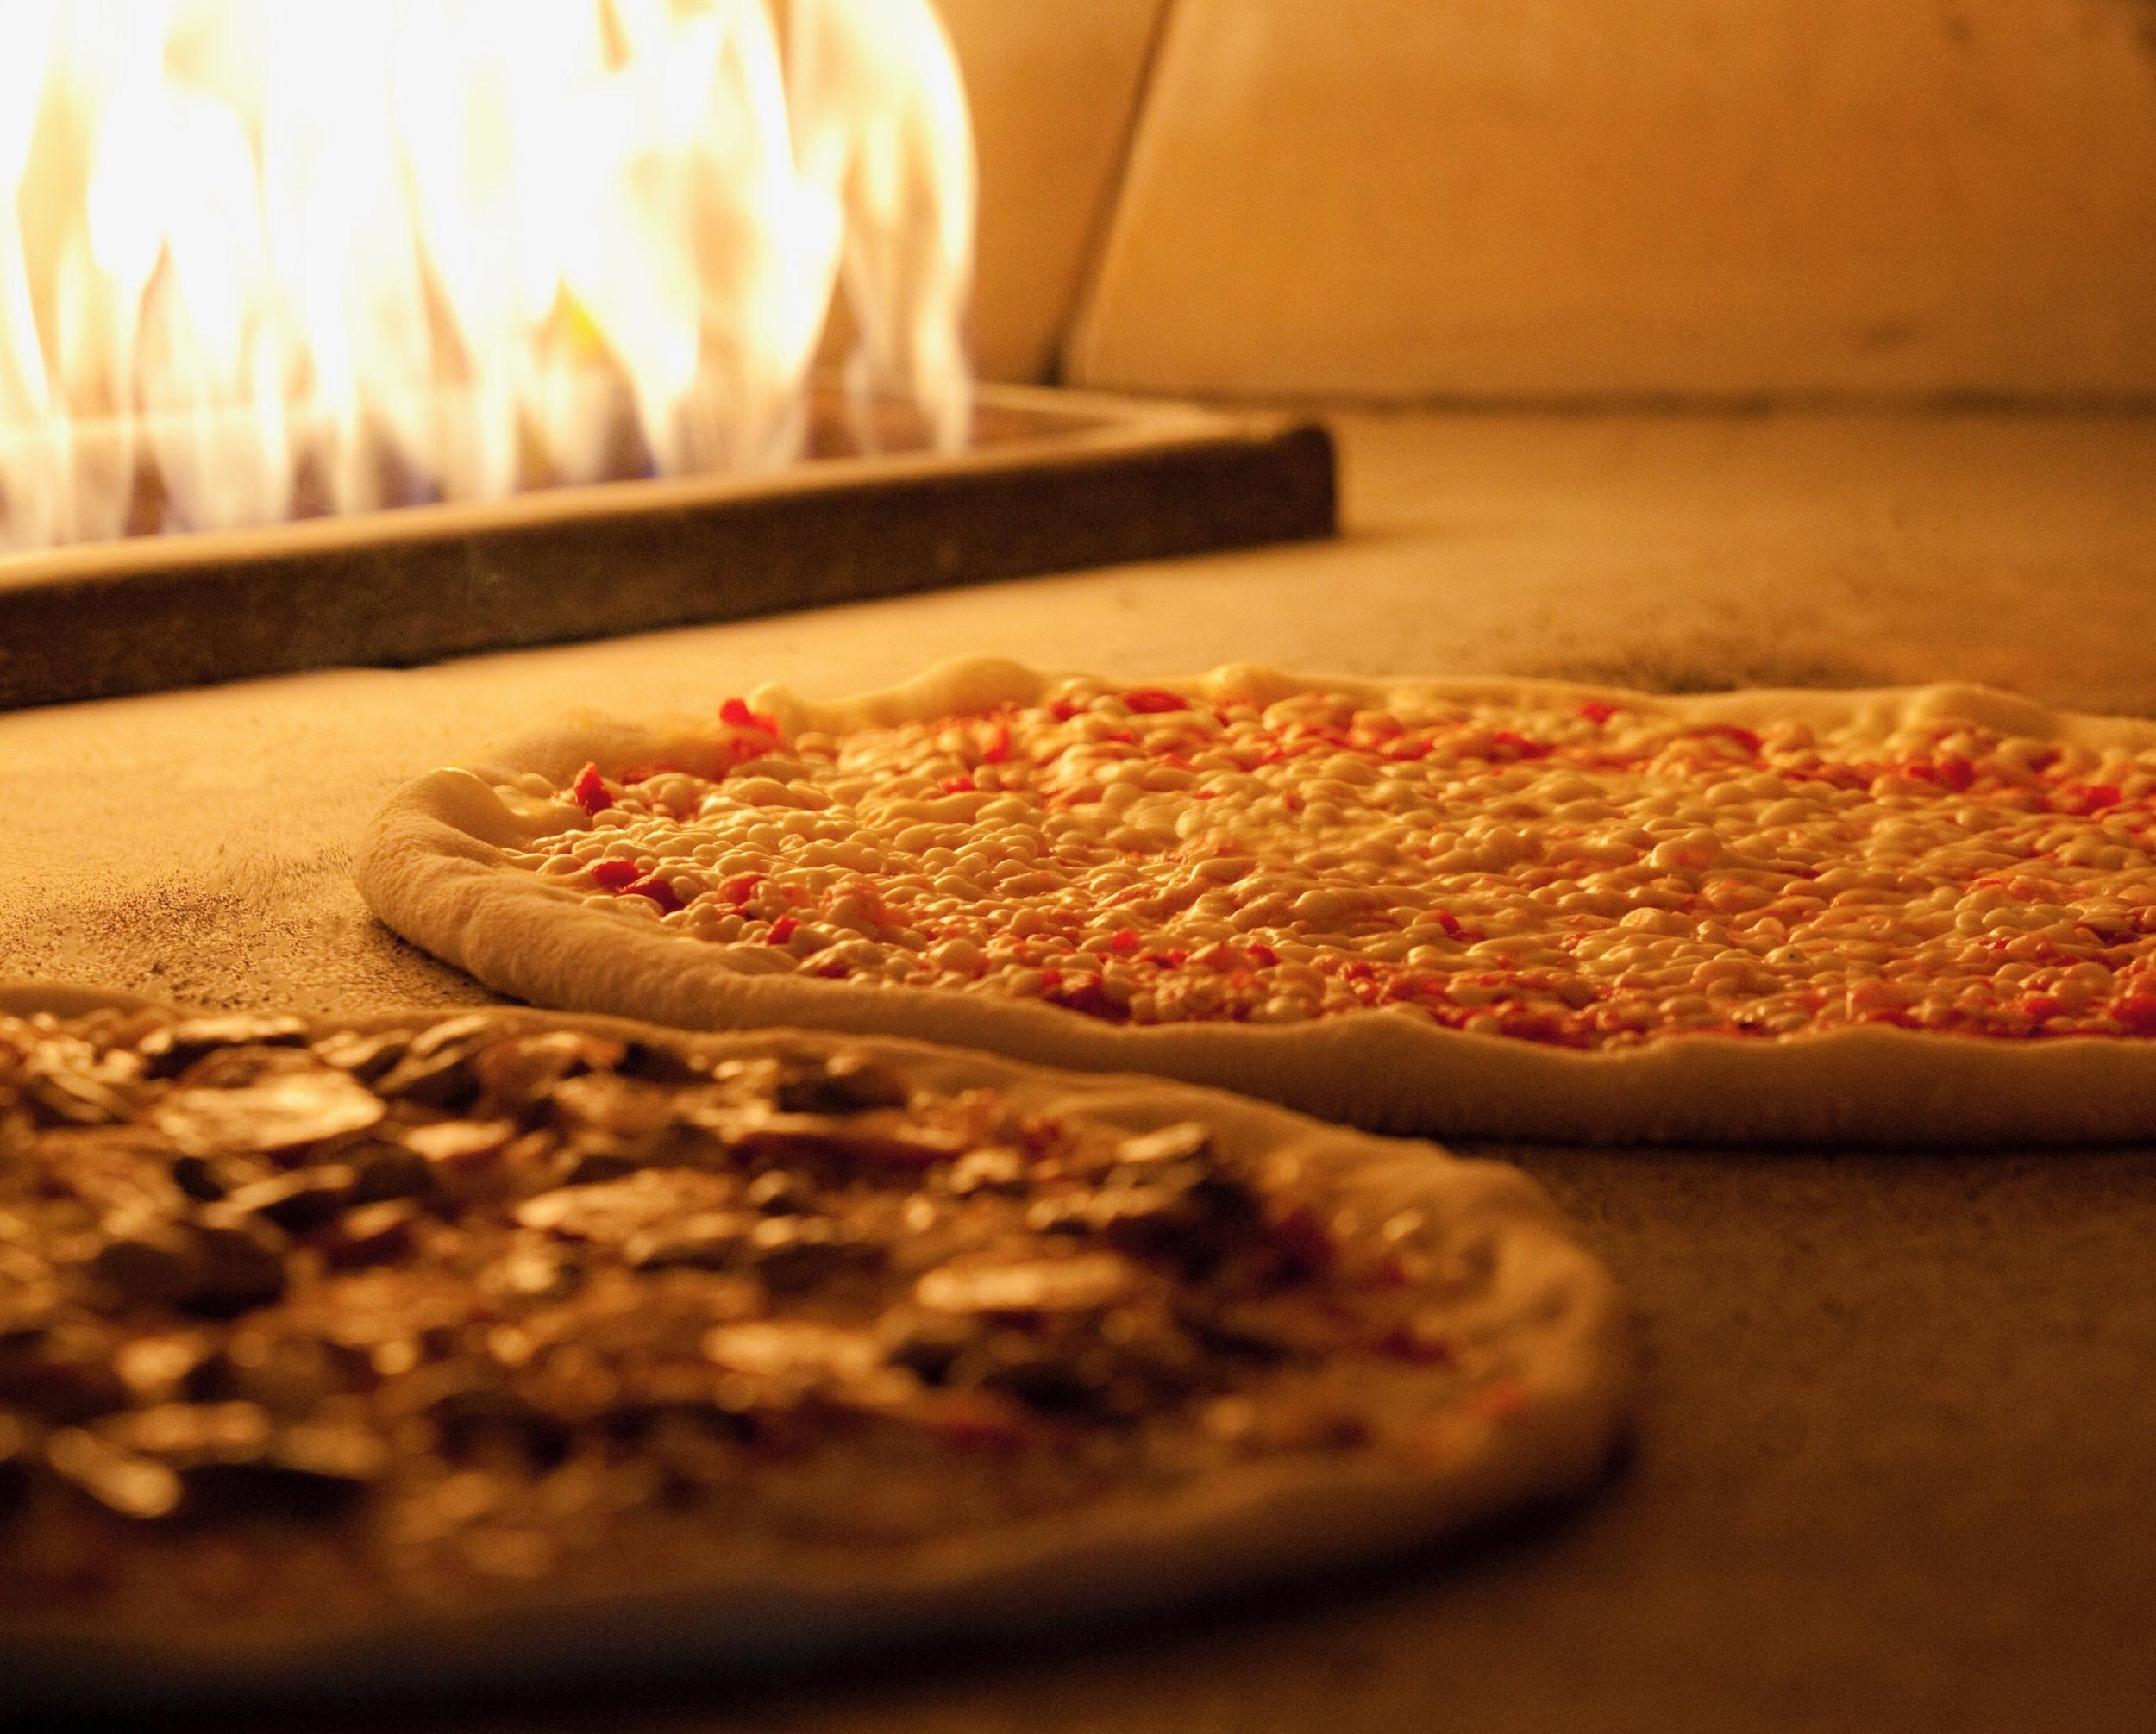 Pizzas baking next to flame